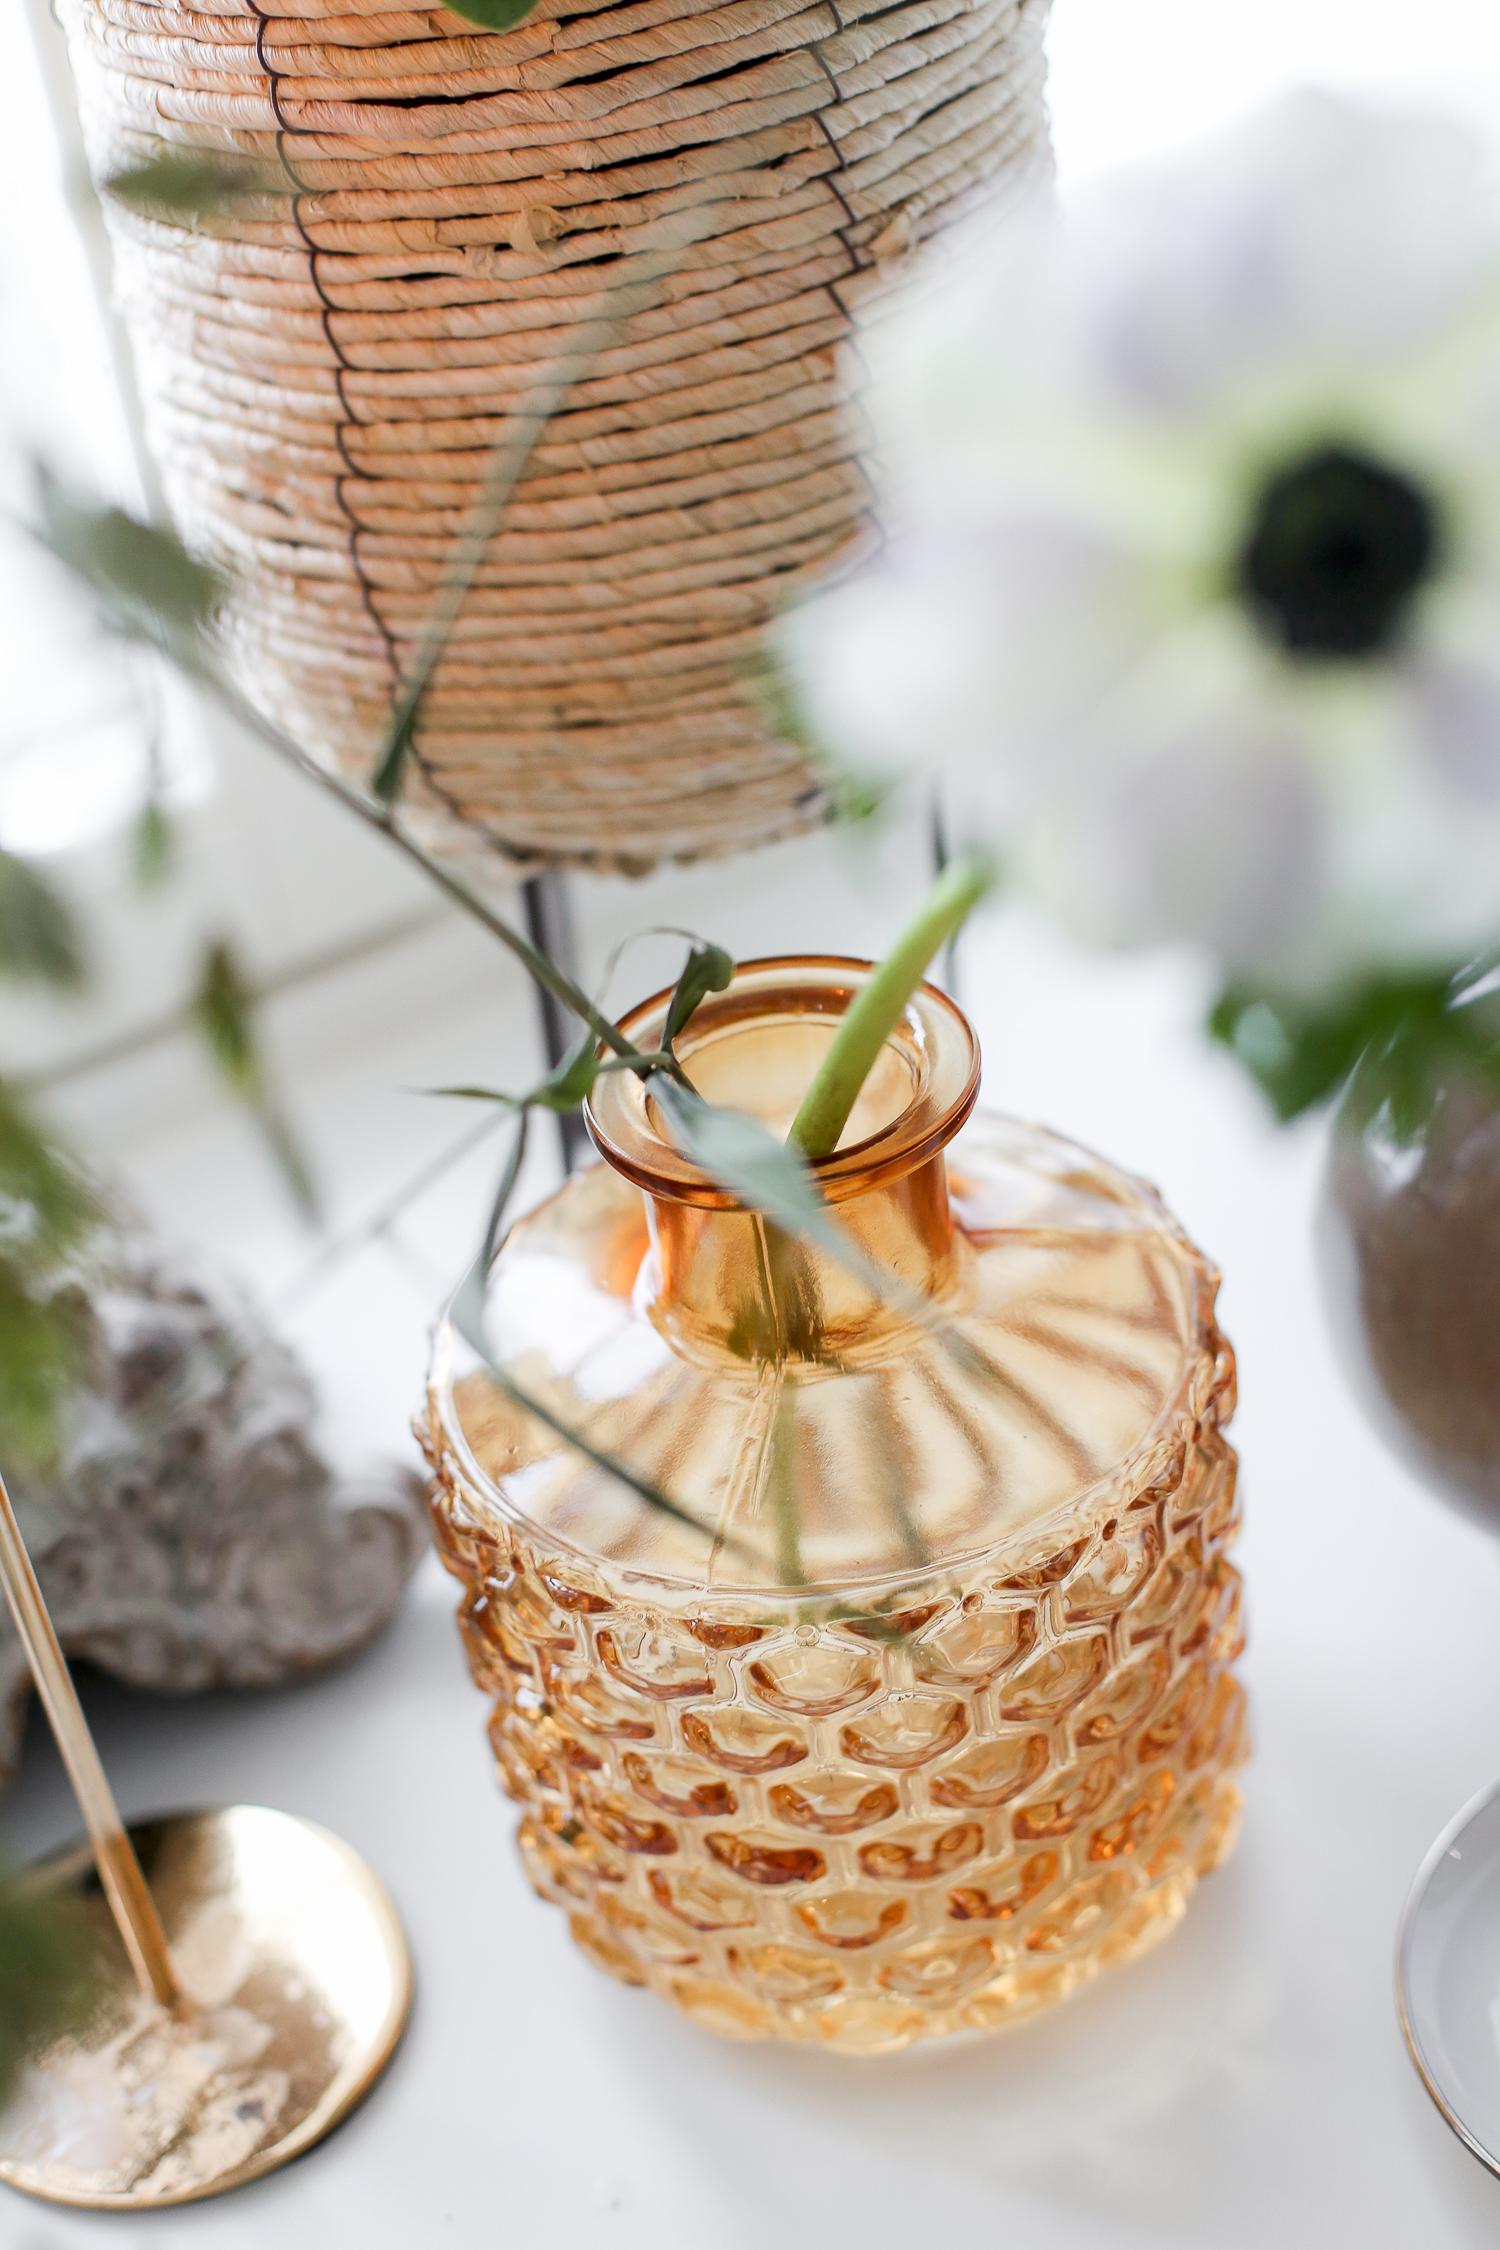 Ruskea lasinen maljakkon Bloomingvillen mallistosta. Maljakossa on valkoinen anemone.